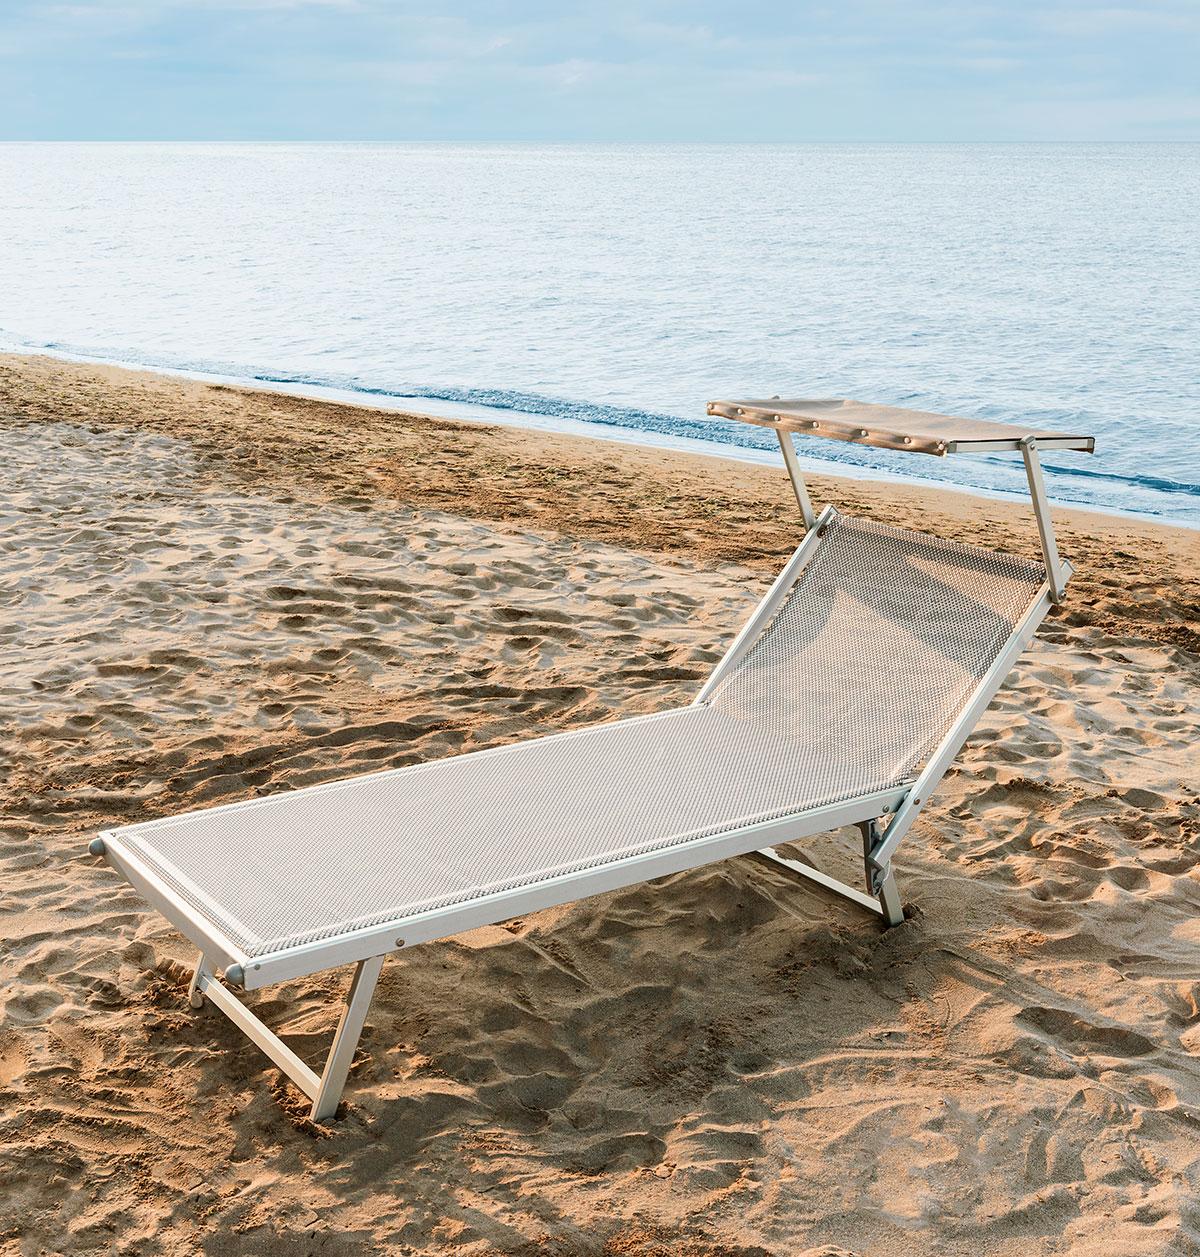 Prezzi Lettini Da Spiaggia.Big Lettino Prendisole Da Spiaggia